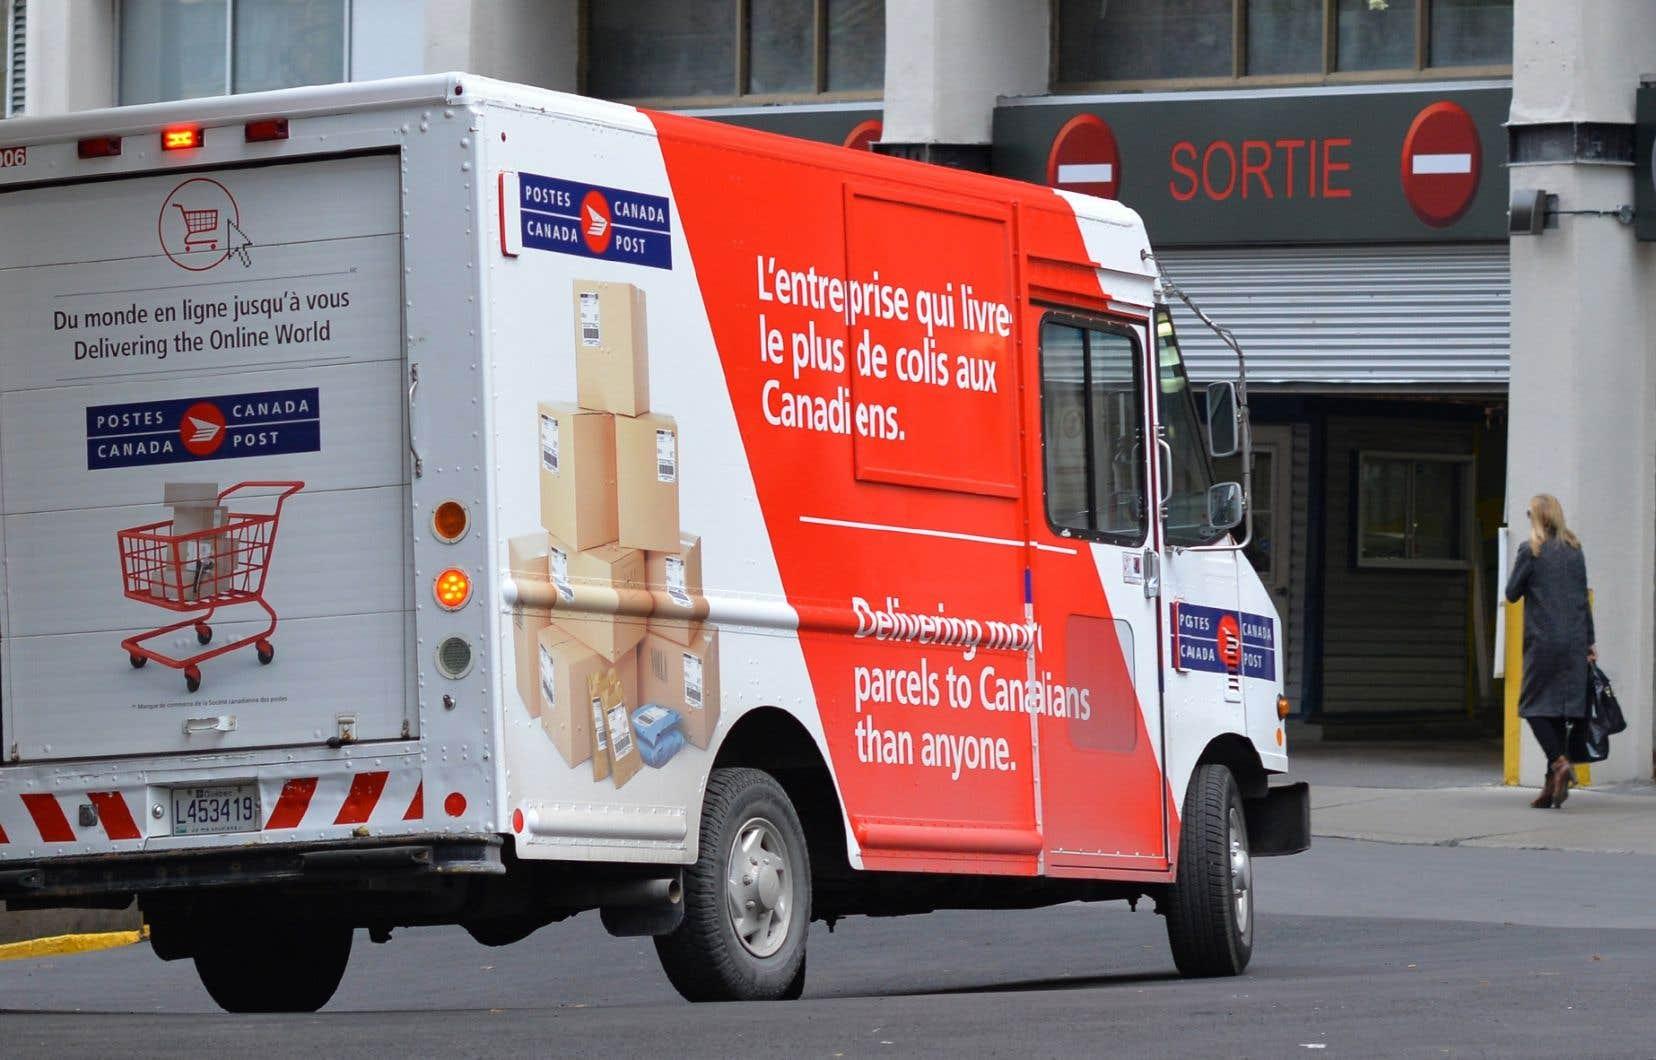 Le projet pilote chez Postes Canada sera d'une durée initiale de 12 mois.